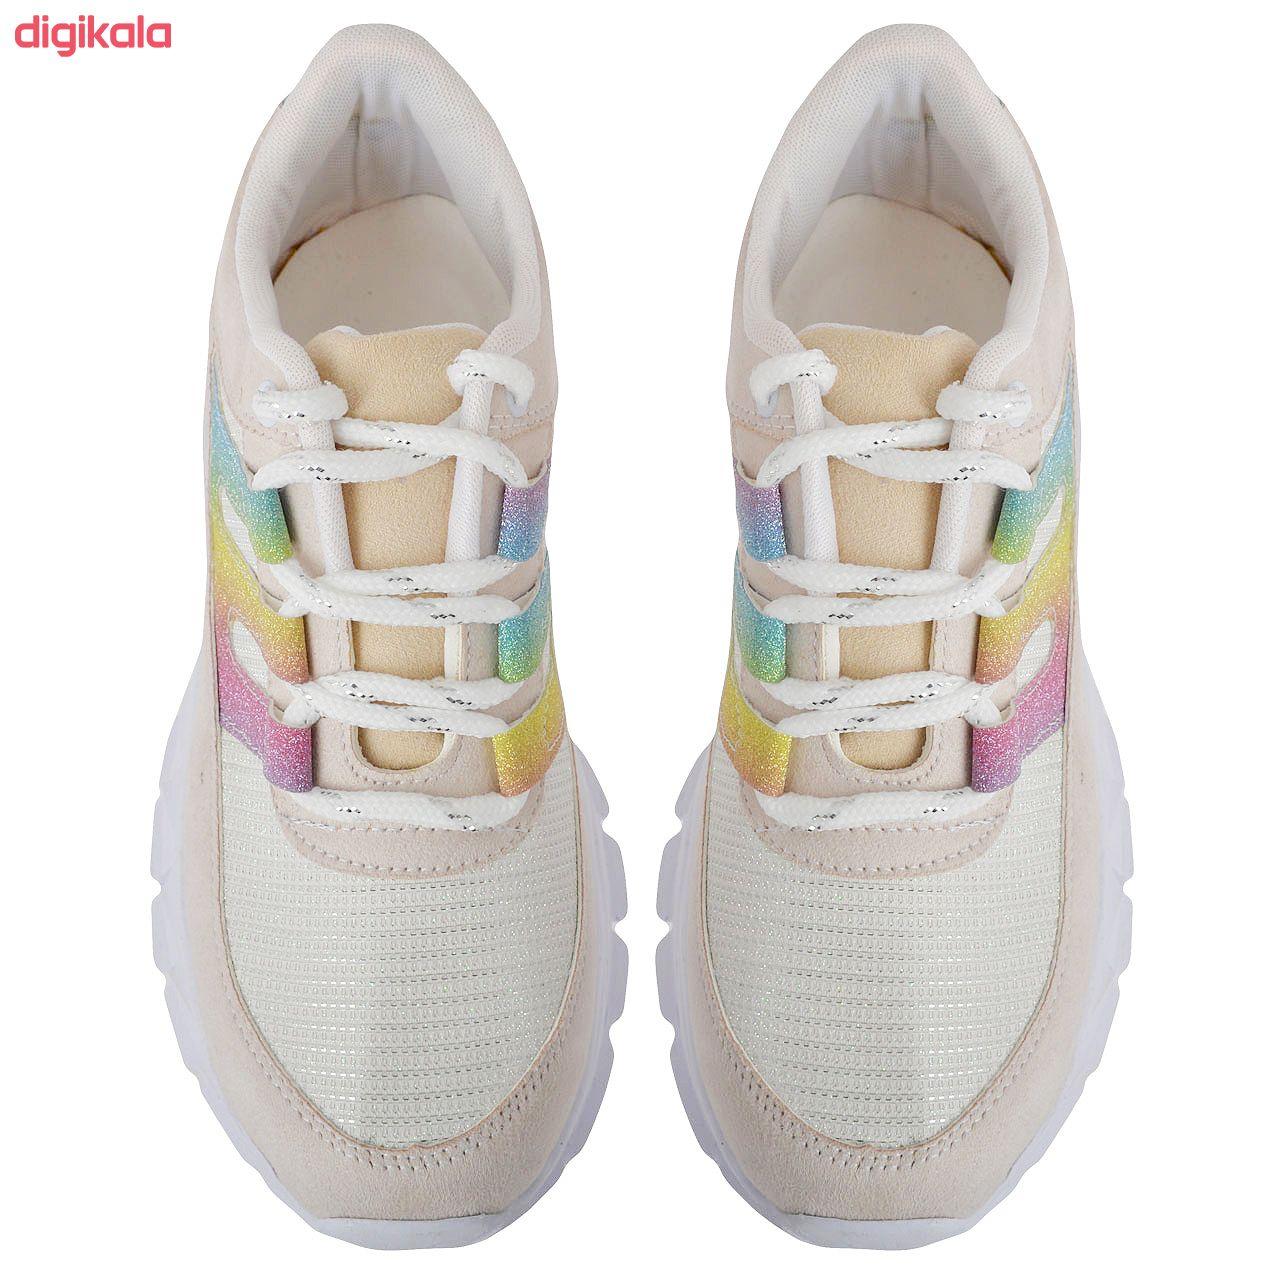 کفش مخصوص پیاده روی زنانه کد 351004709 main 1 2